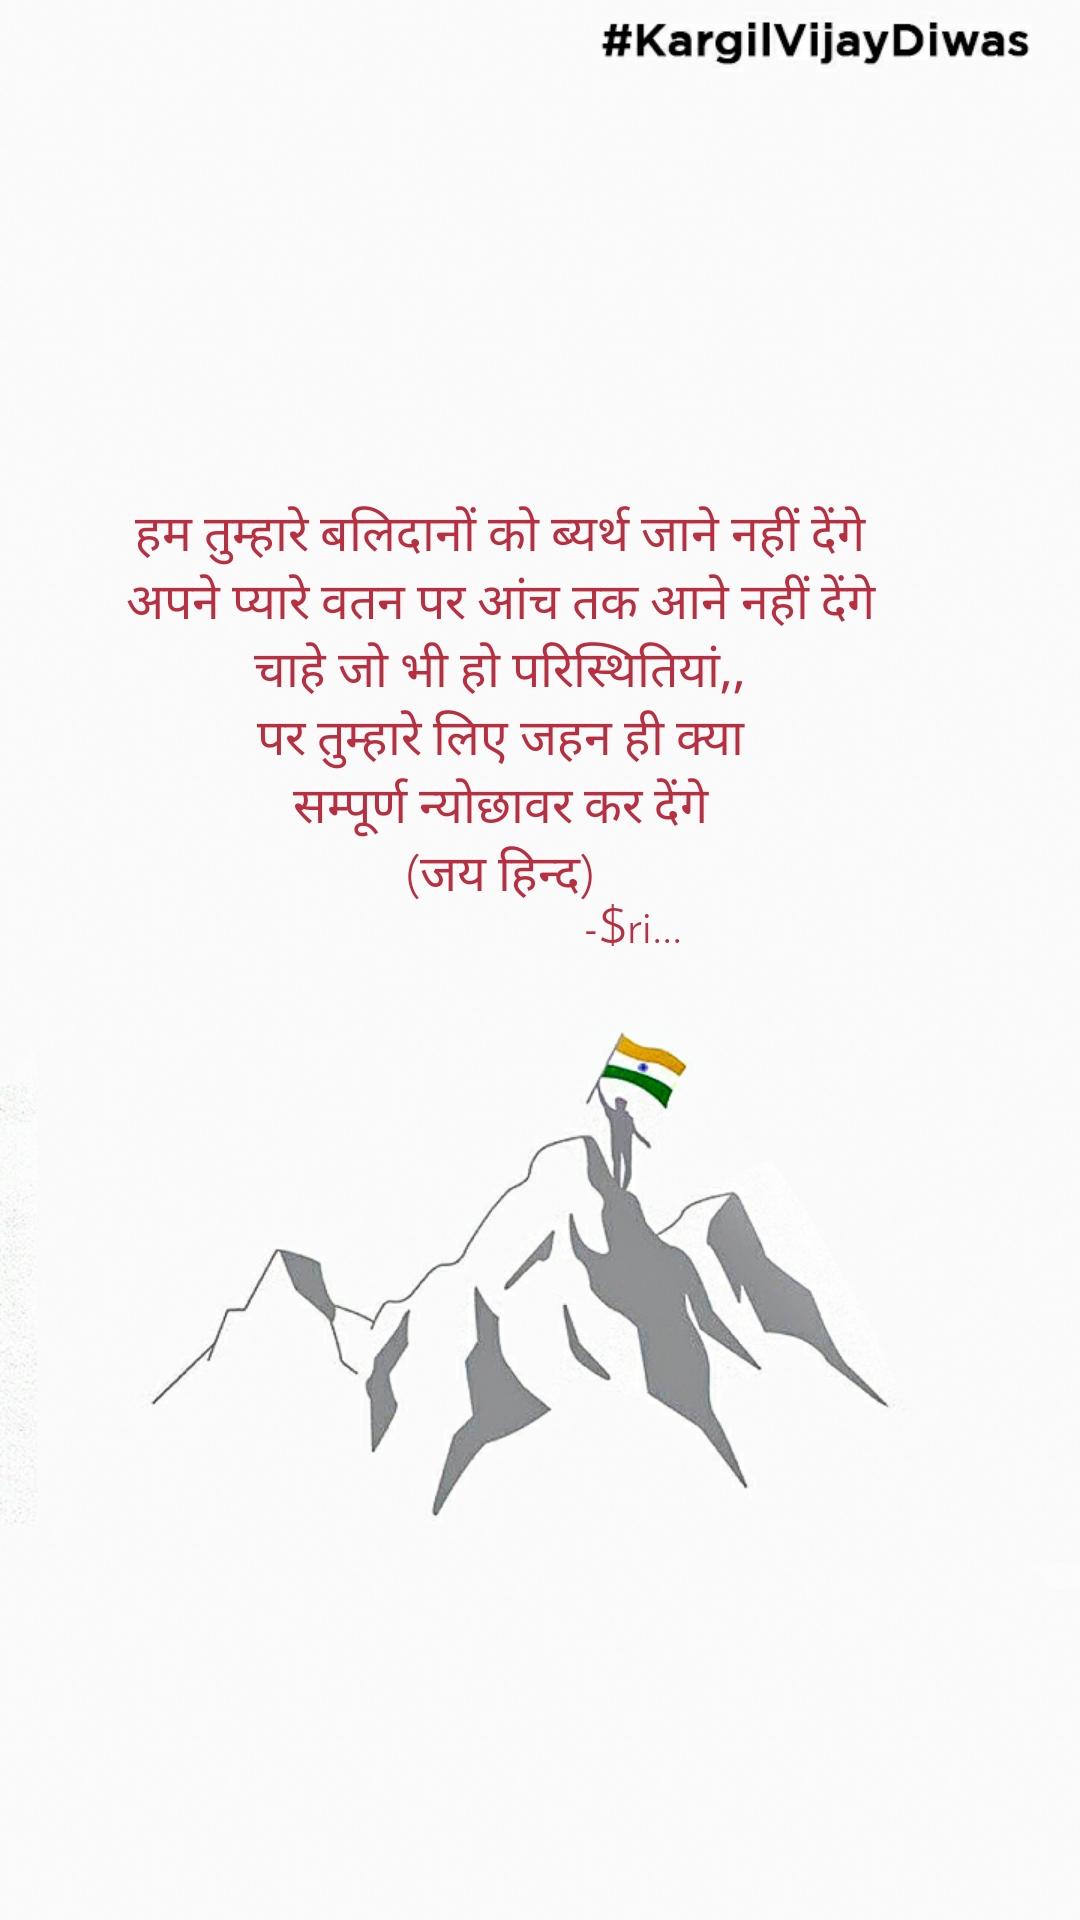 #KargilVijayDiwas हम तुम्हारे बलिदानों को ब्यर्थ जाने नहीं देंगे अपने प्यारे वतन पर आंच तक आने नहीं देंगे चाहे जो भी हो परिस्थितियां,, पर तुम्हारे लिए जहन ही क्या सम्पूर्ण न्योछावर कर देंगे (जय हिन्द)                       -$ri...